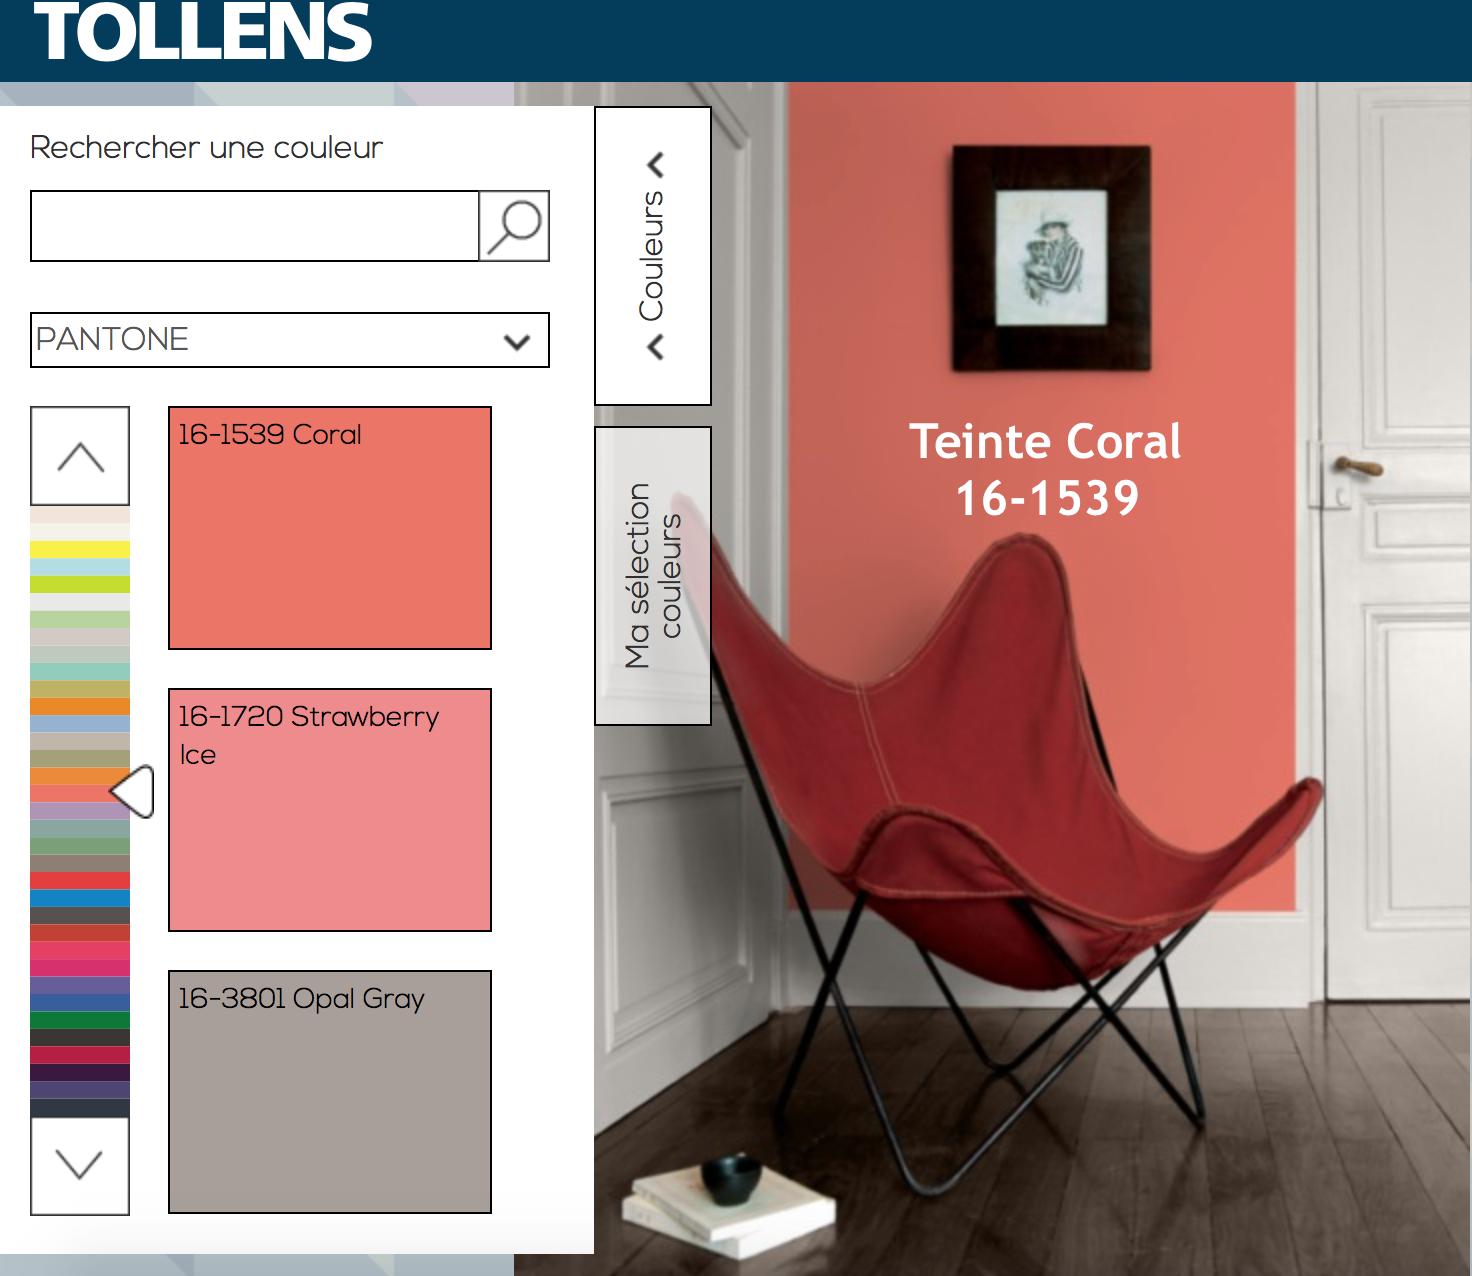 Ou Trouver La Peinture Tollens natacha fait sa déco !: couleur corail dans la déco, on ose ?